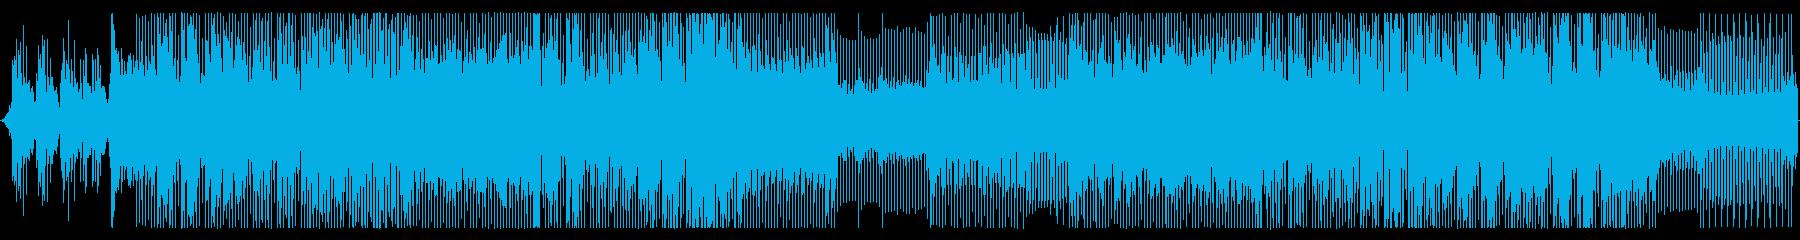 スケール感のあるシリアスなピアノEDMの再生済みの波形